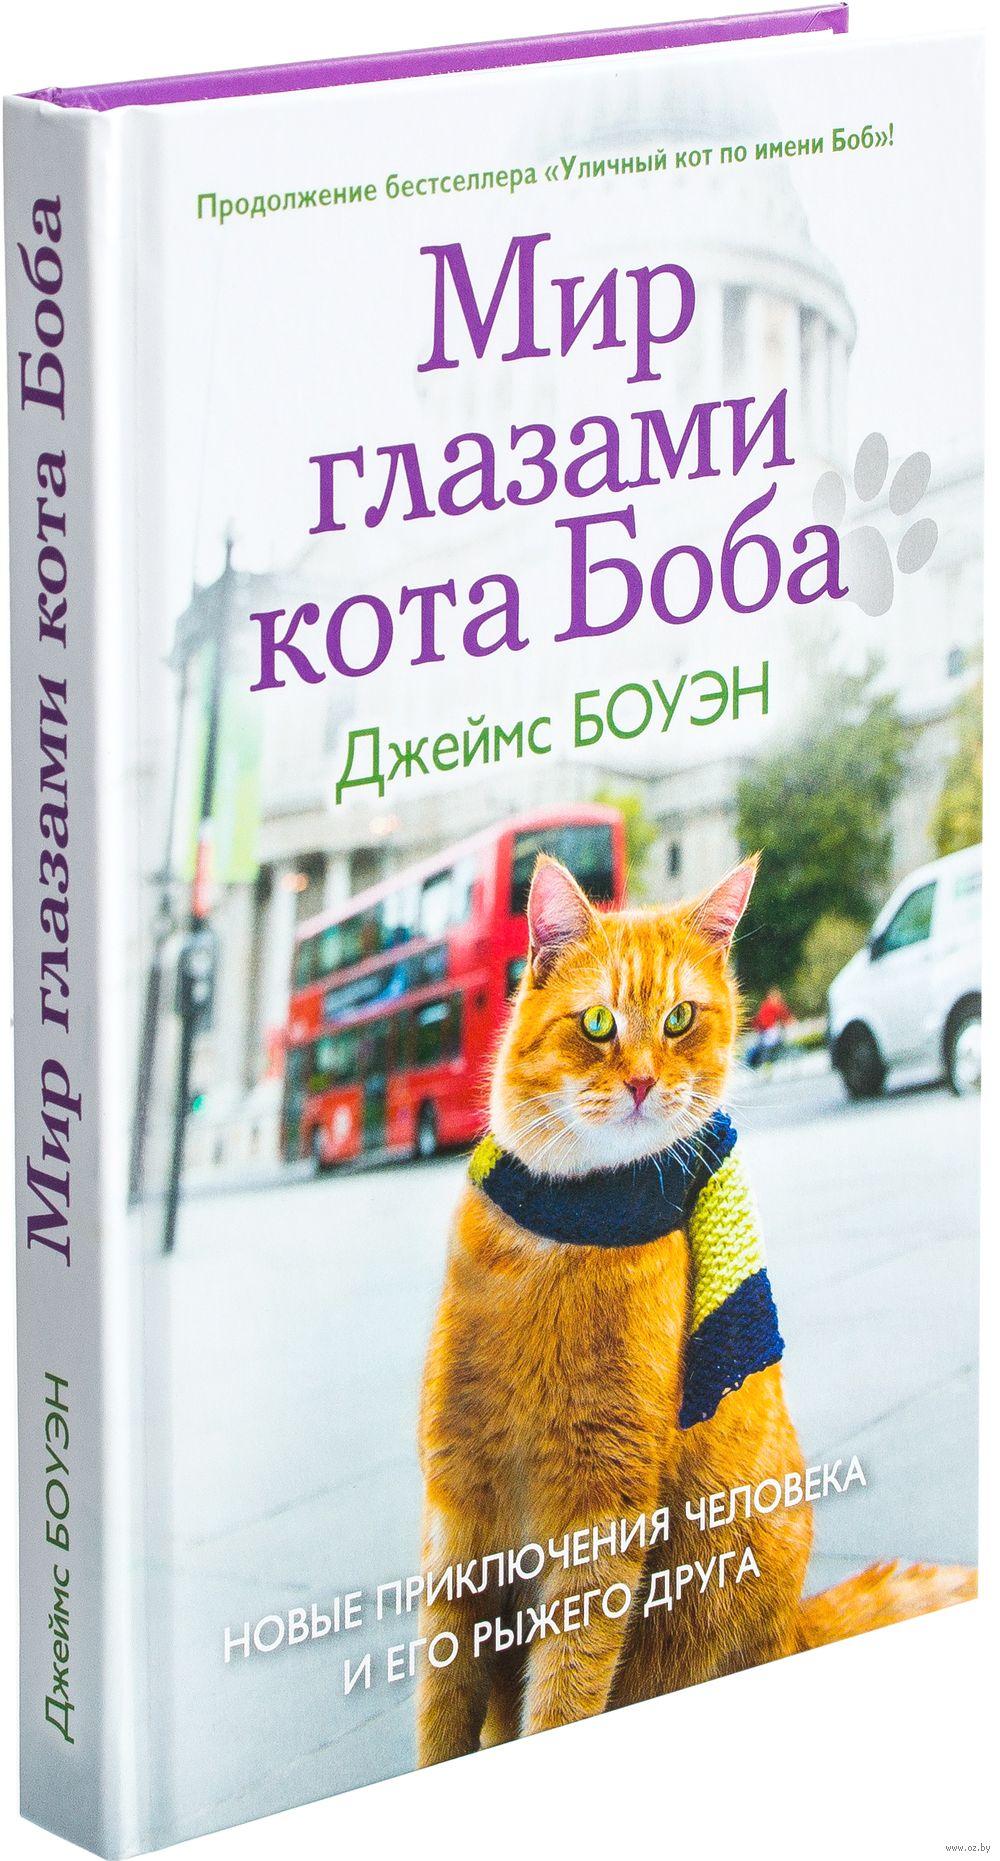 Скачать бесплатно книгу подарок от кота боба